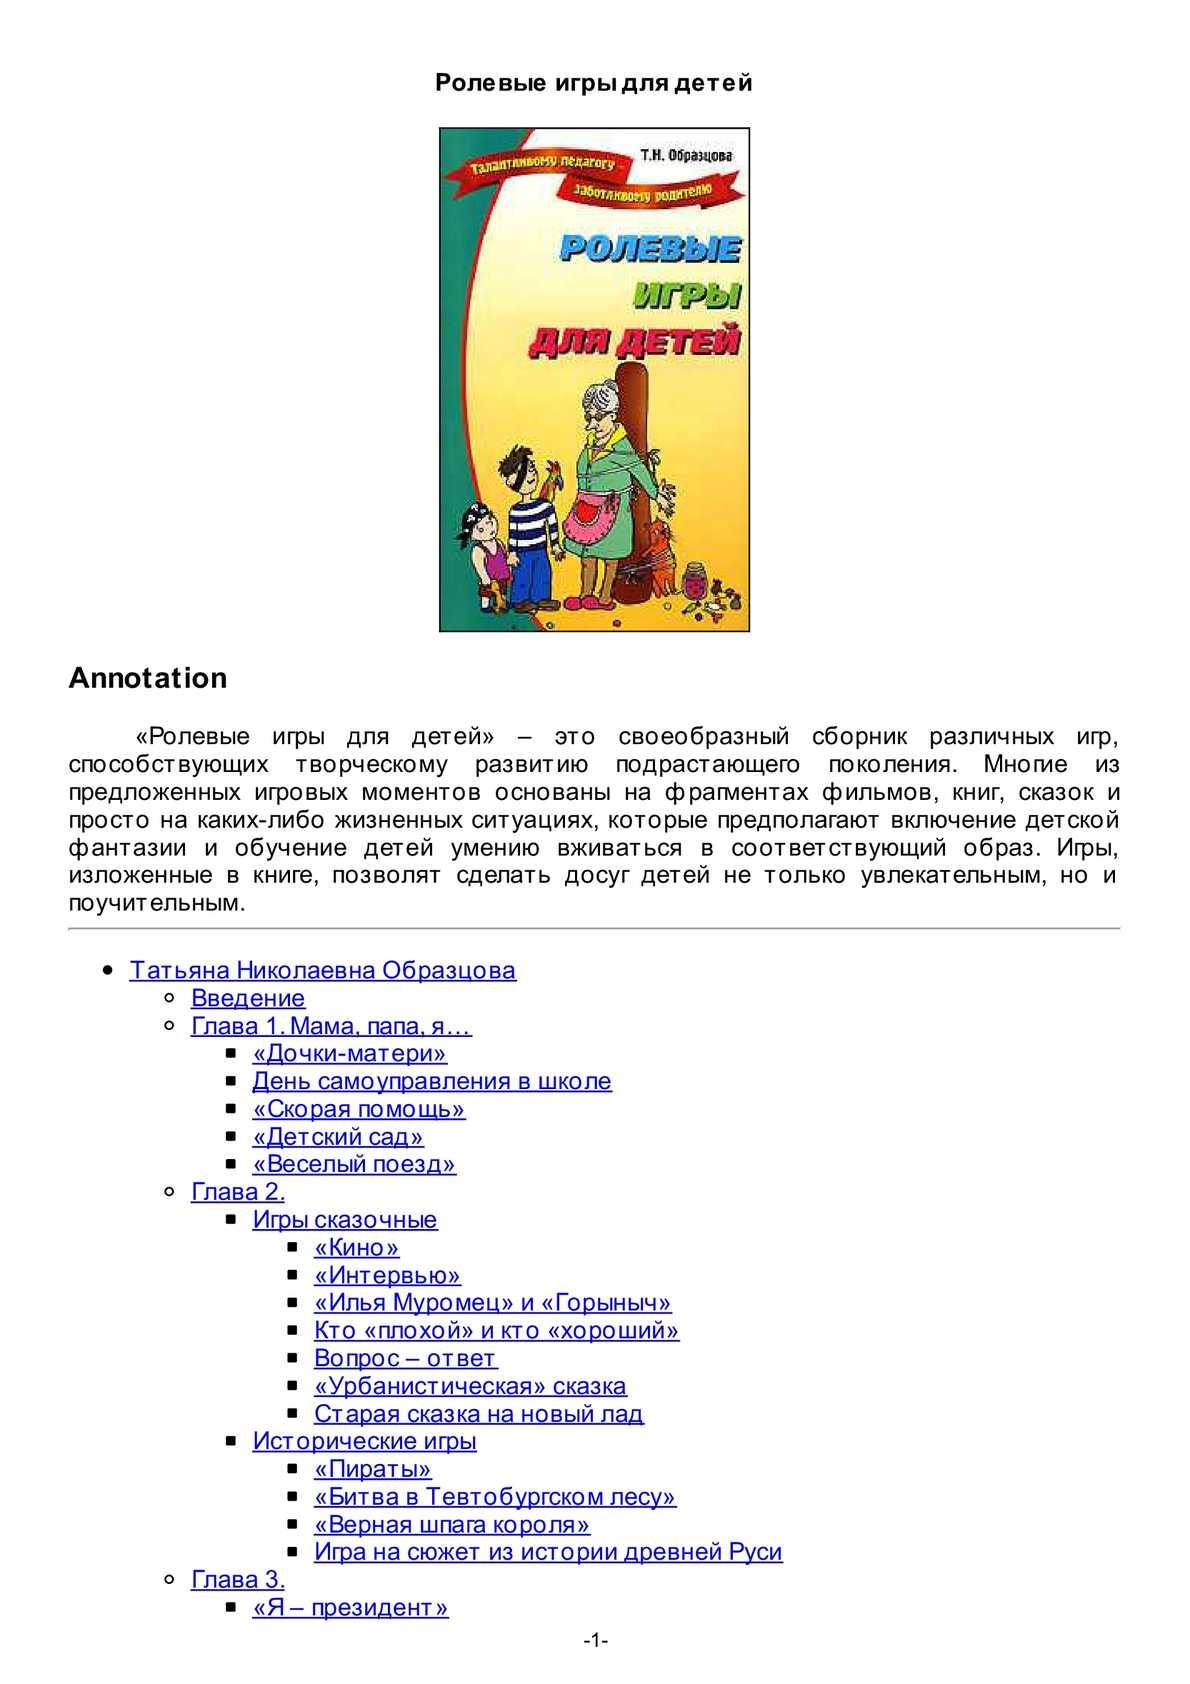 Сказочное казино игра для младших детей чат рулетка русская видеочат рулетка с девушками онлайн